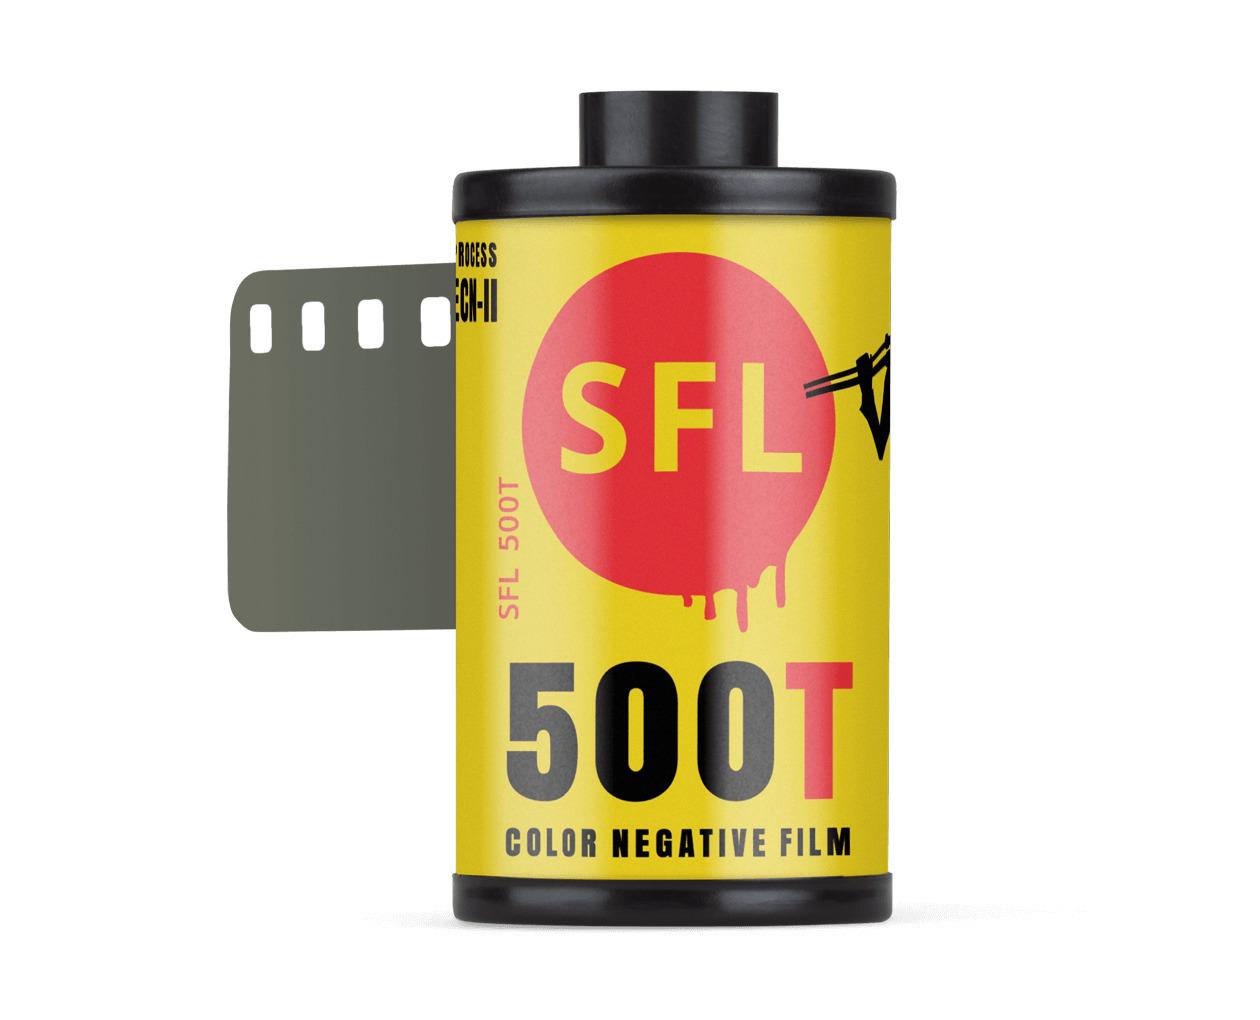 фотопленка sfl kodak 500t (135/36) цветная негативная в кассете